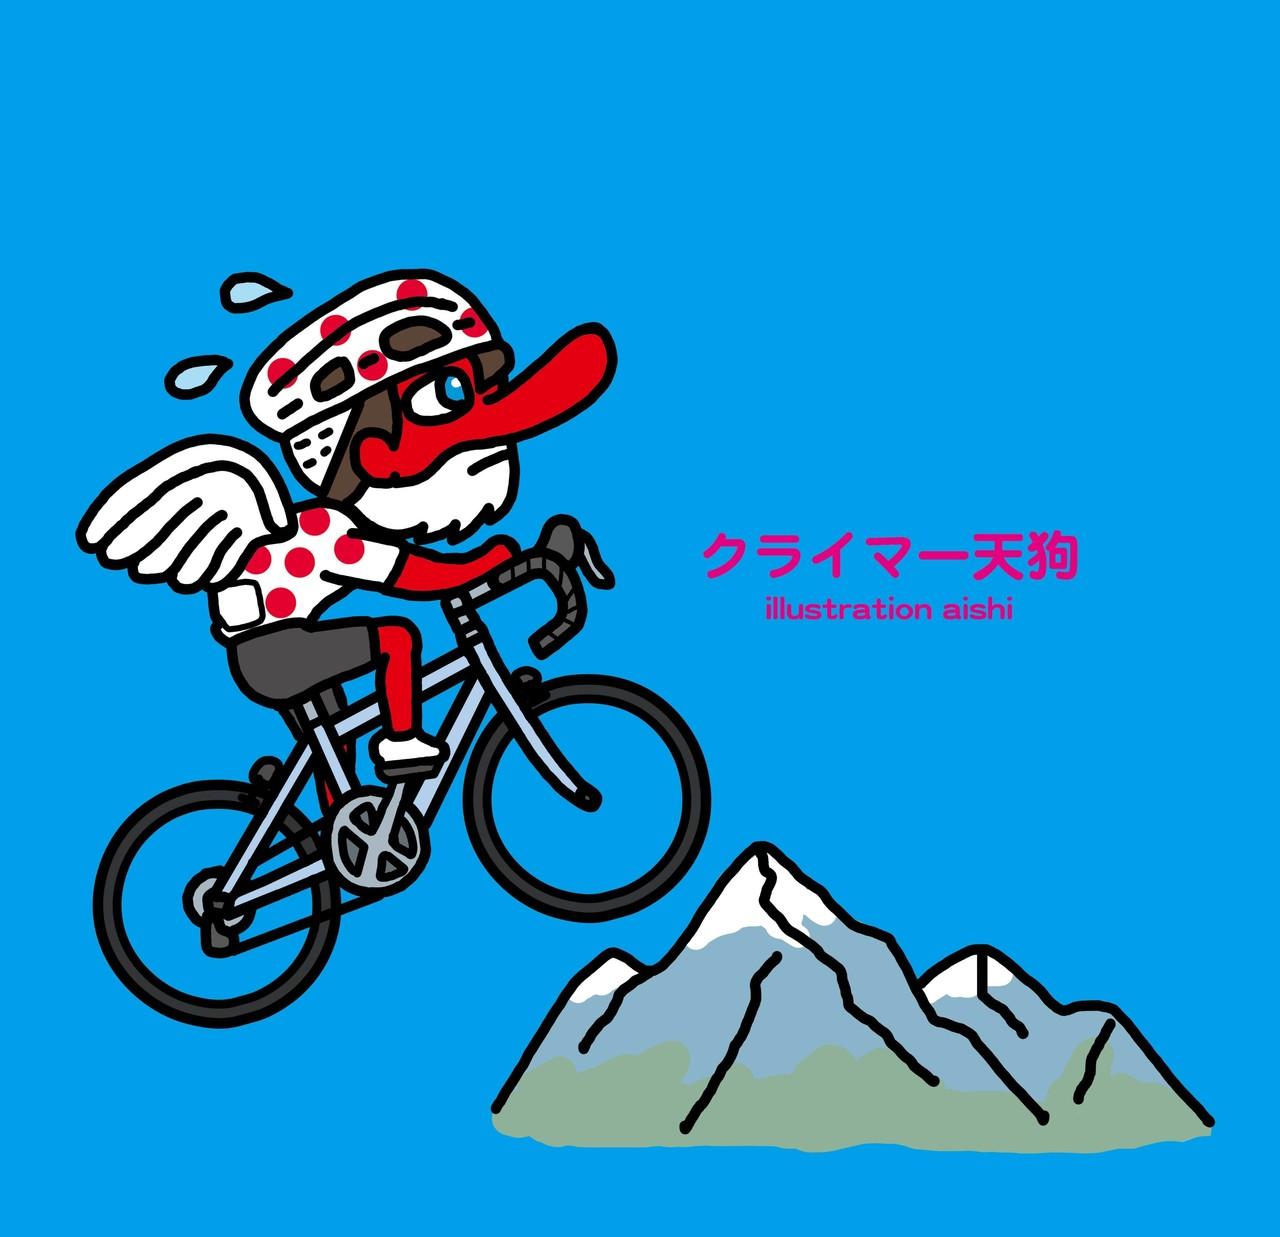 aishiのイラストレーション作品